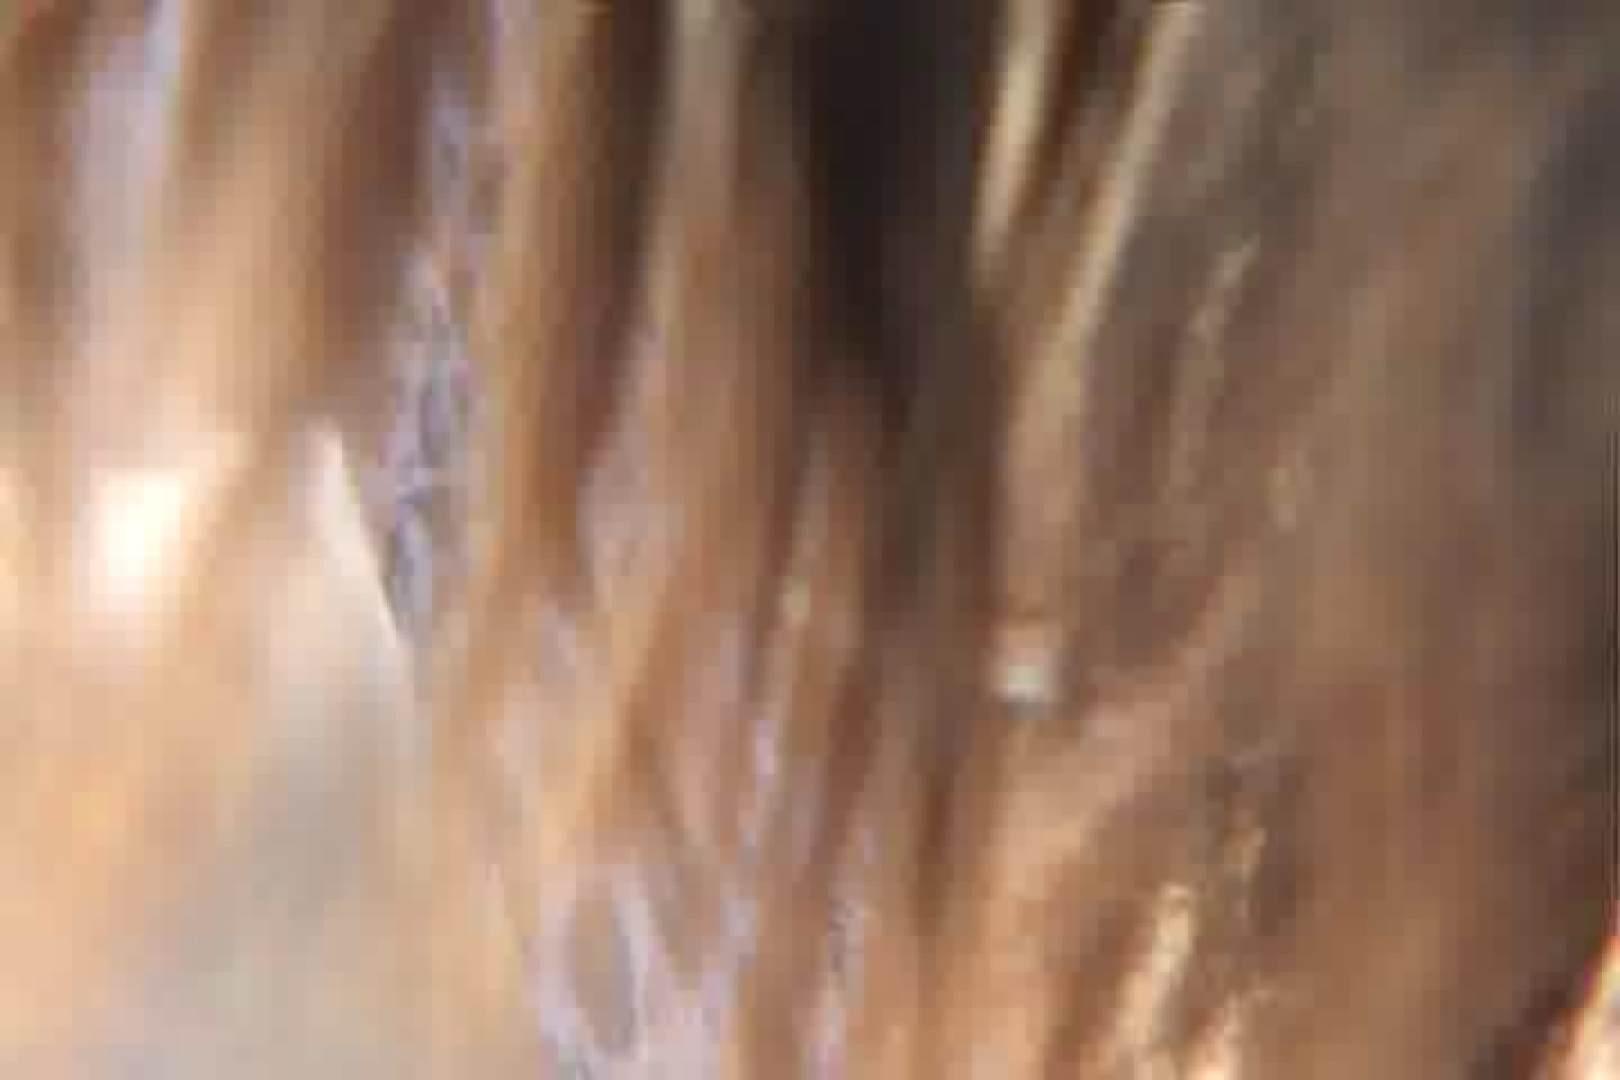 胸の隙間にご用心Vol.1 チクビ SEX無修正画像 72画像 46